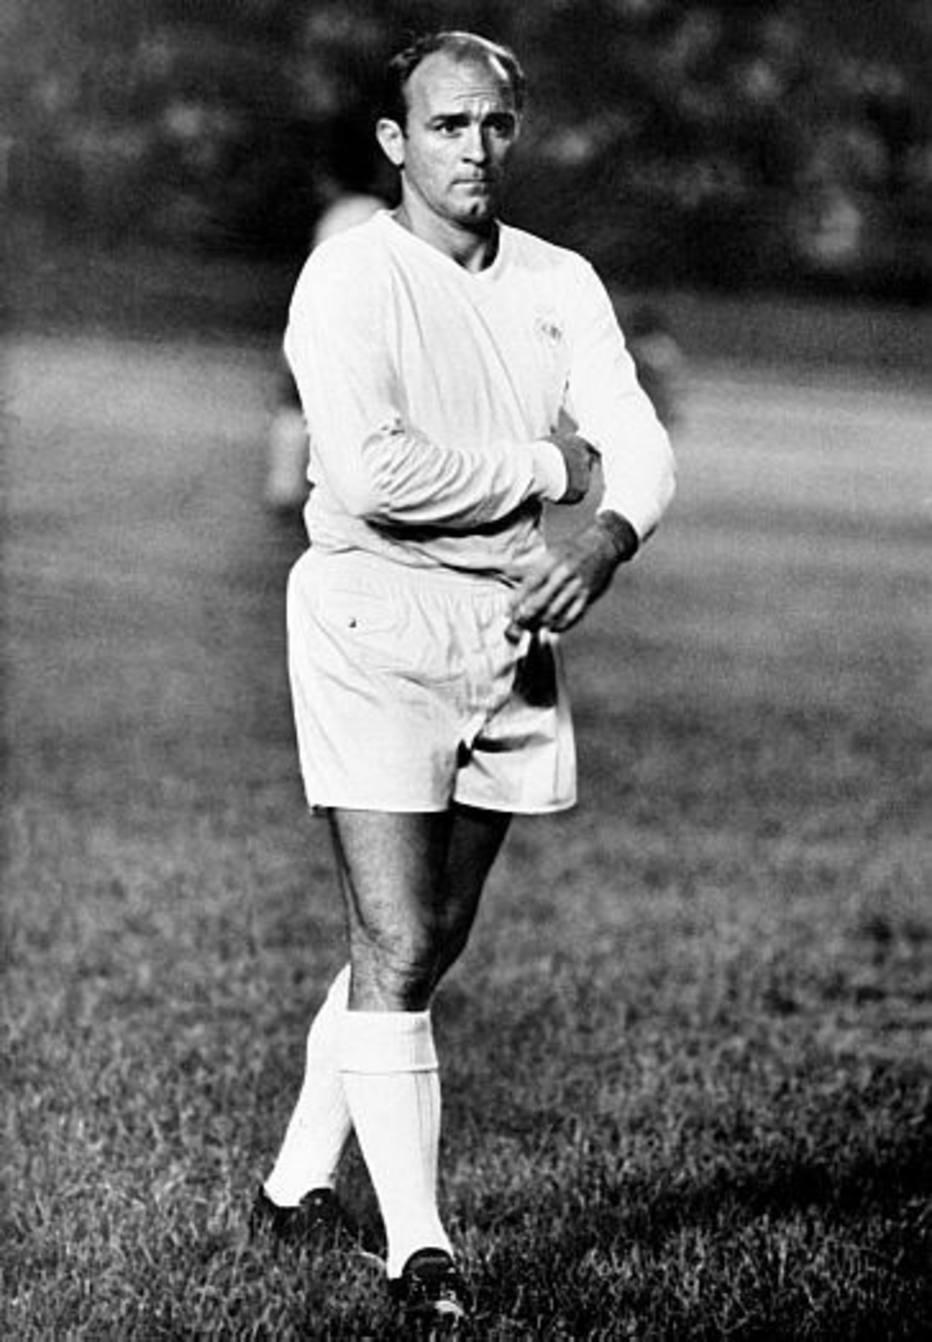 Em 2000, foi nomeado pelo presidente Florentino Pérez como presidente de honra do Real Madrid